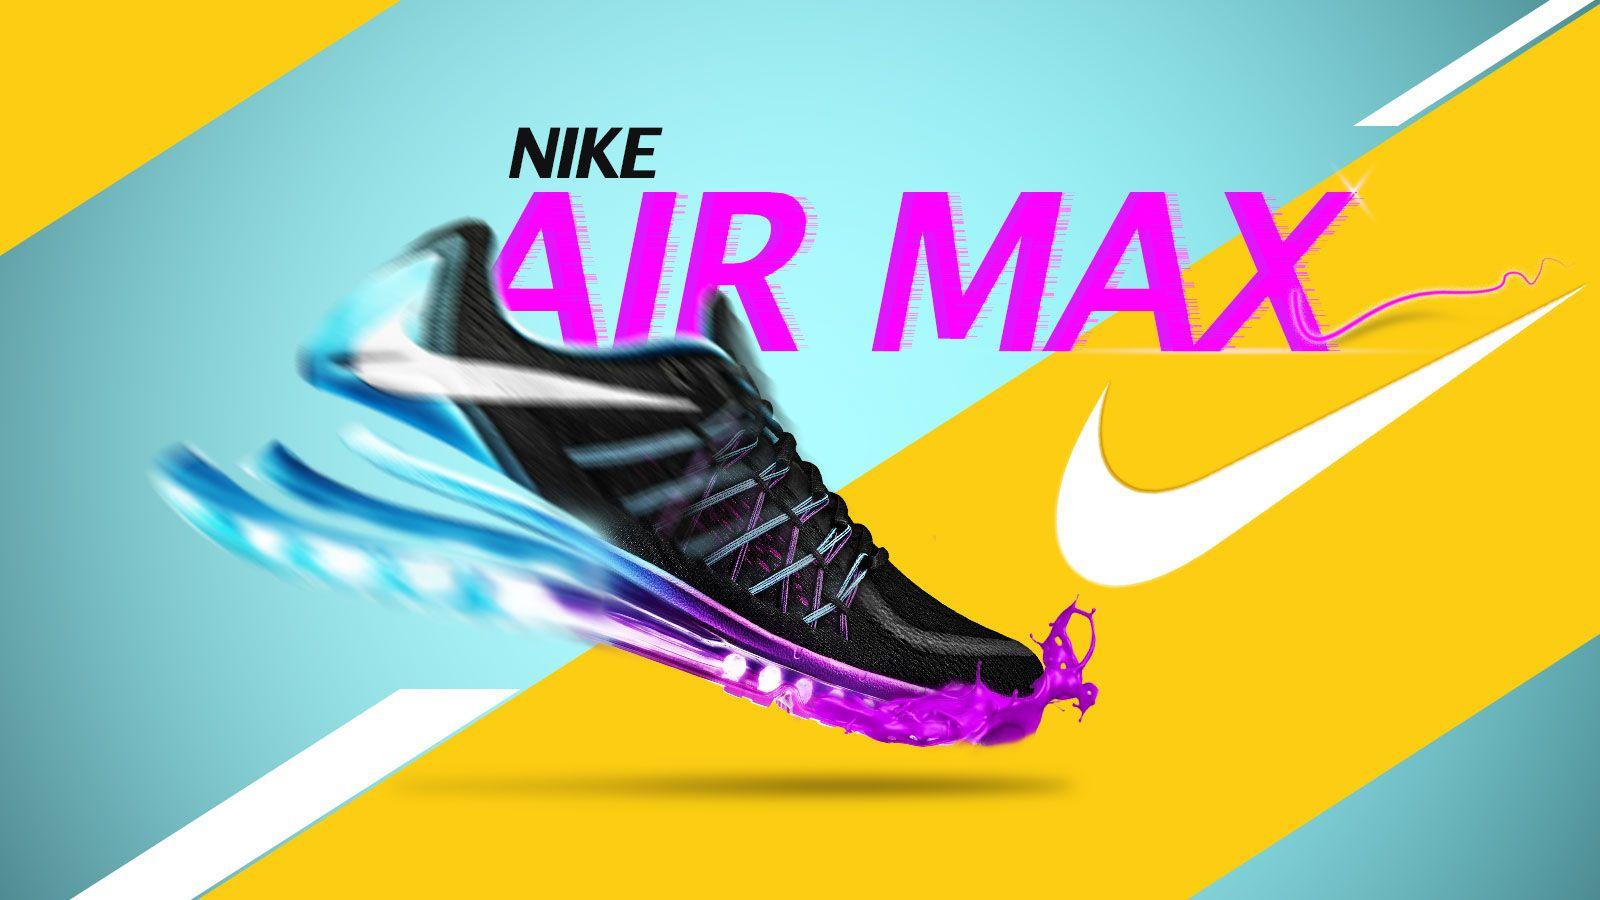 Behance For You Nike air max, Nike air